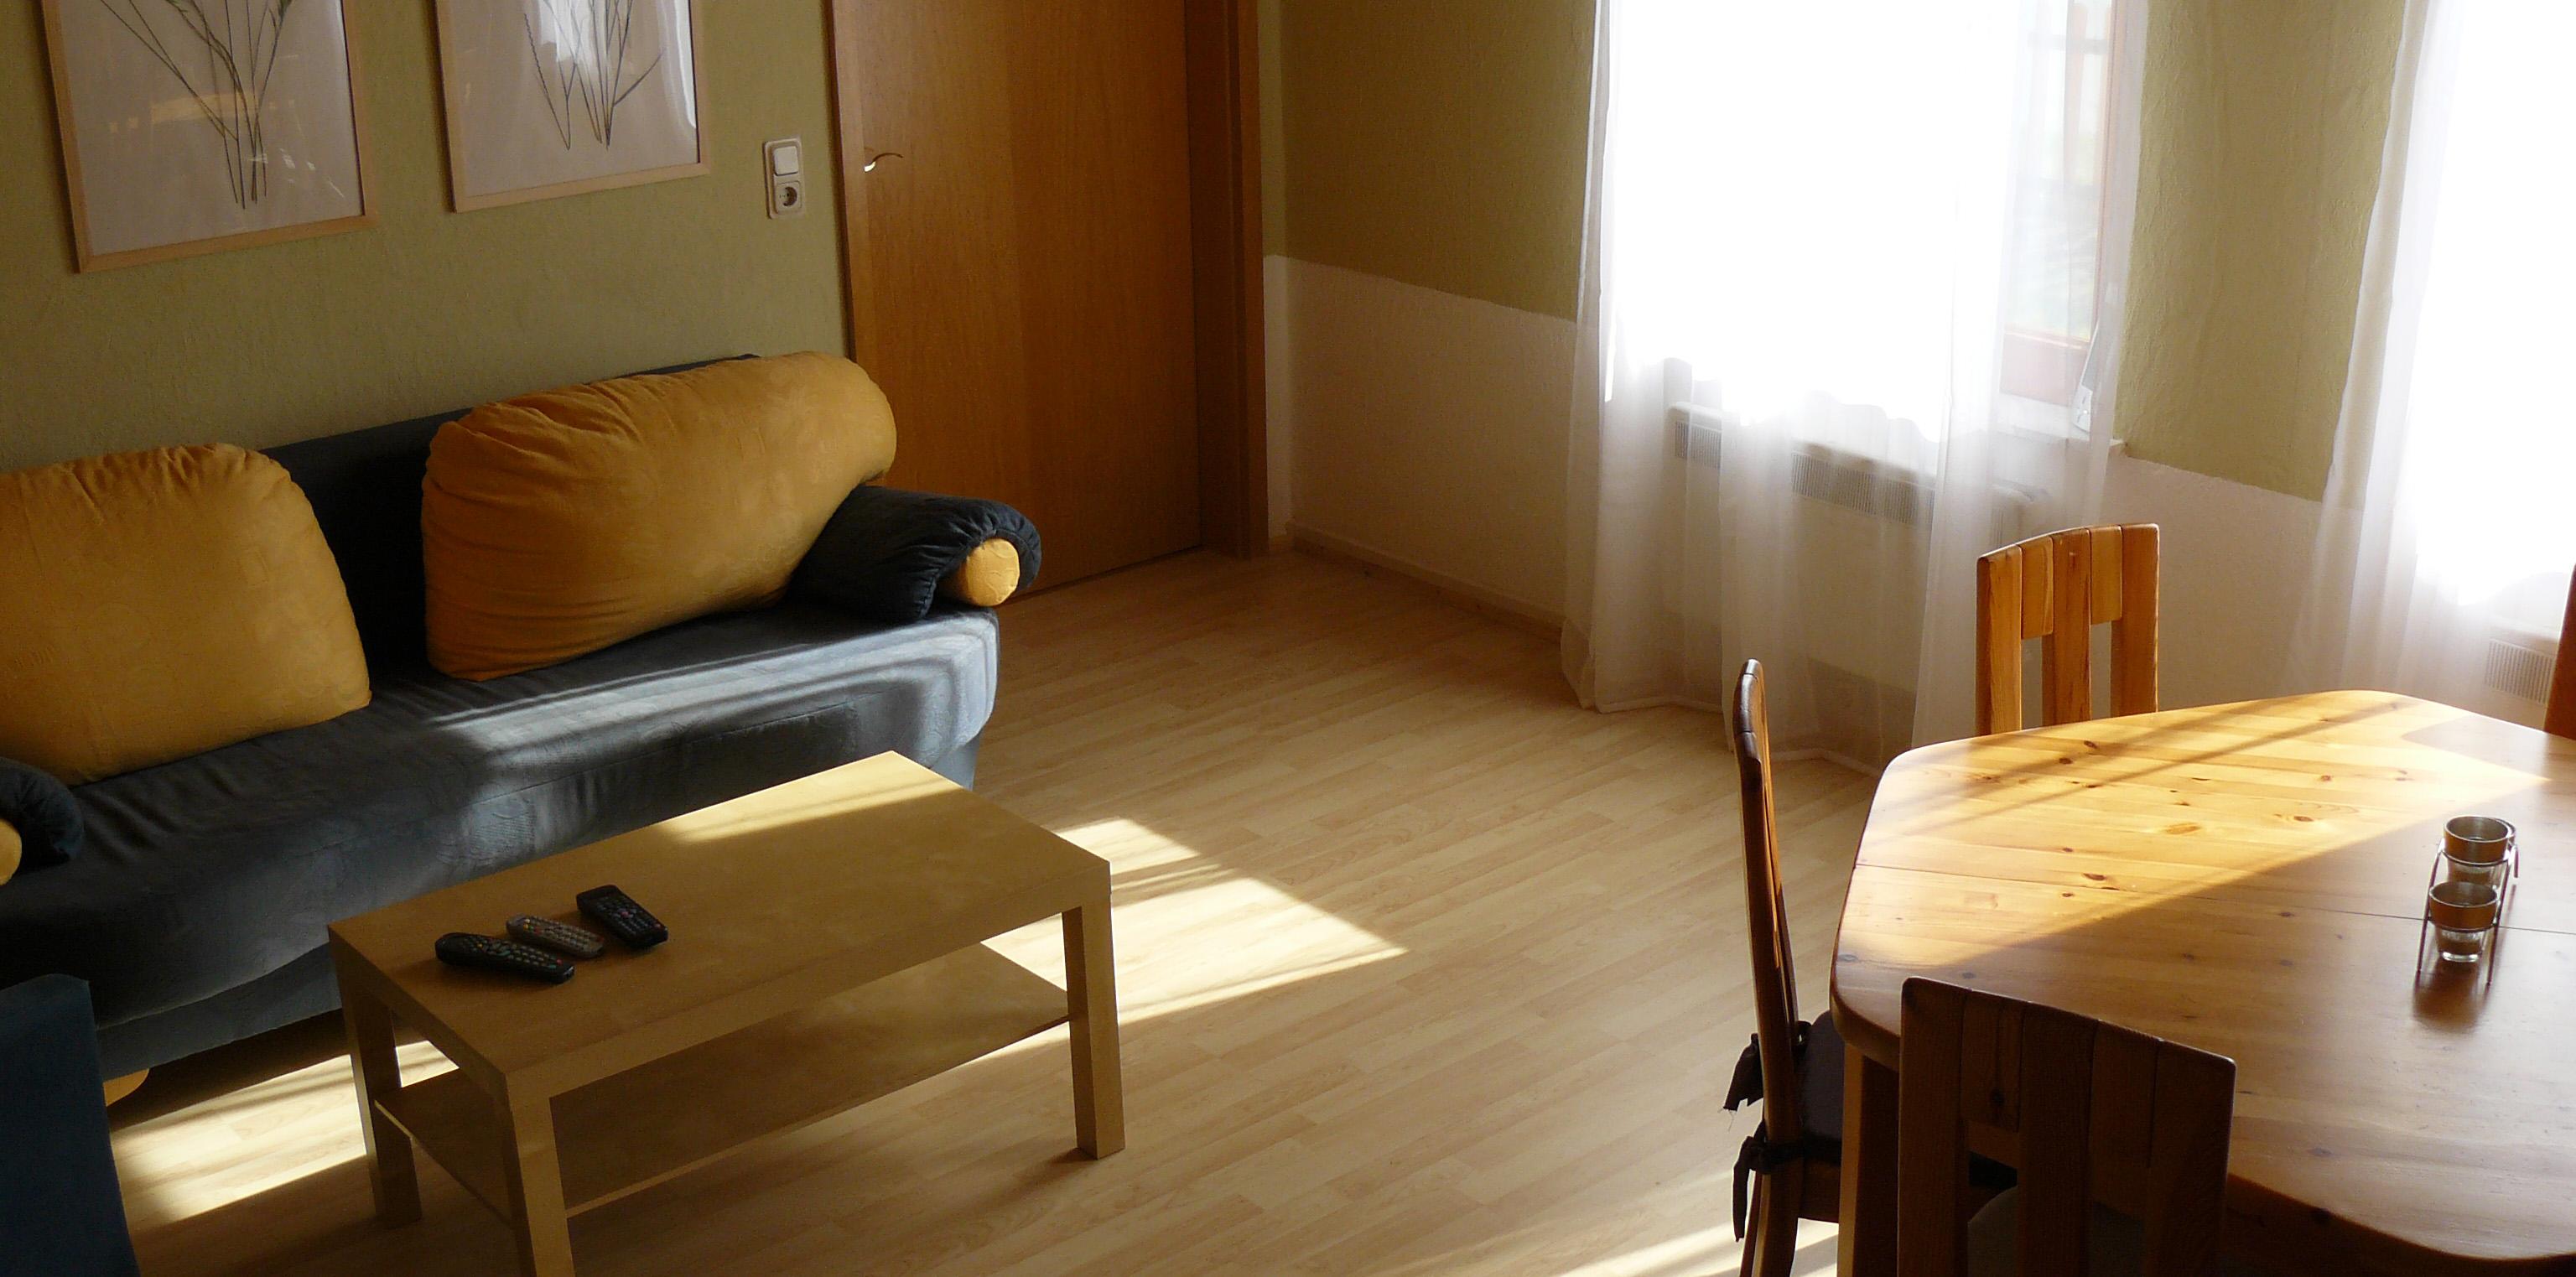 Familienhaus Annenhof in Lübs: Wohnzimmer Erdgeschoss